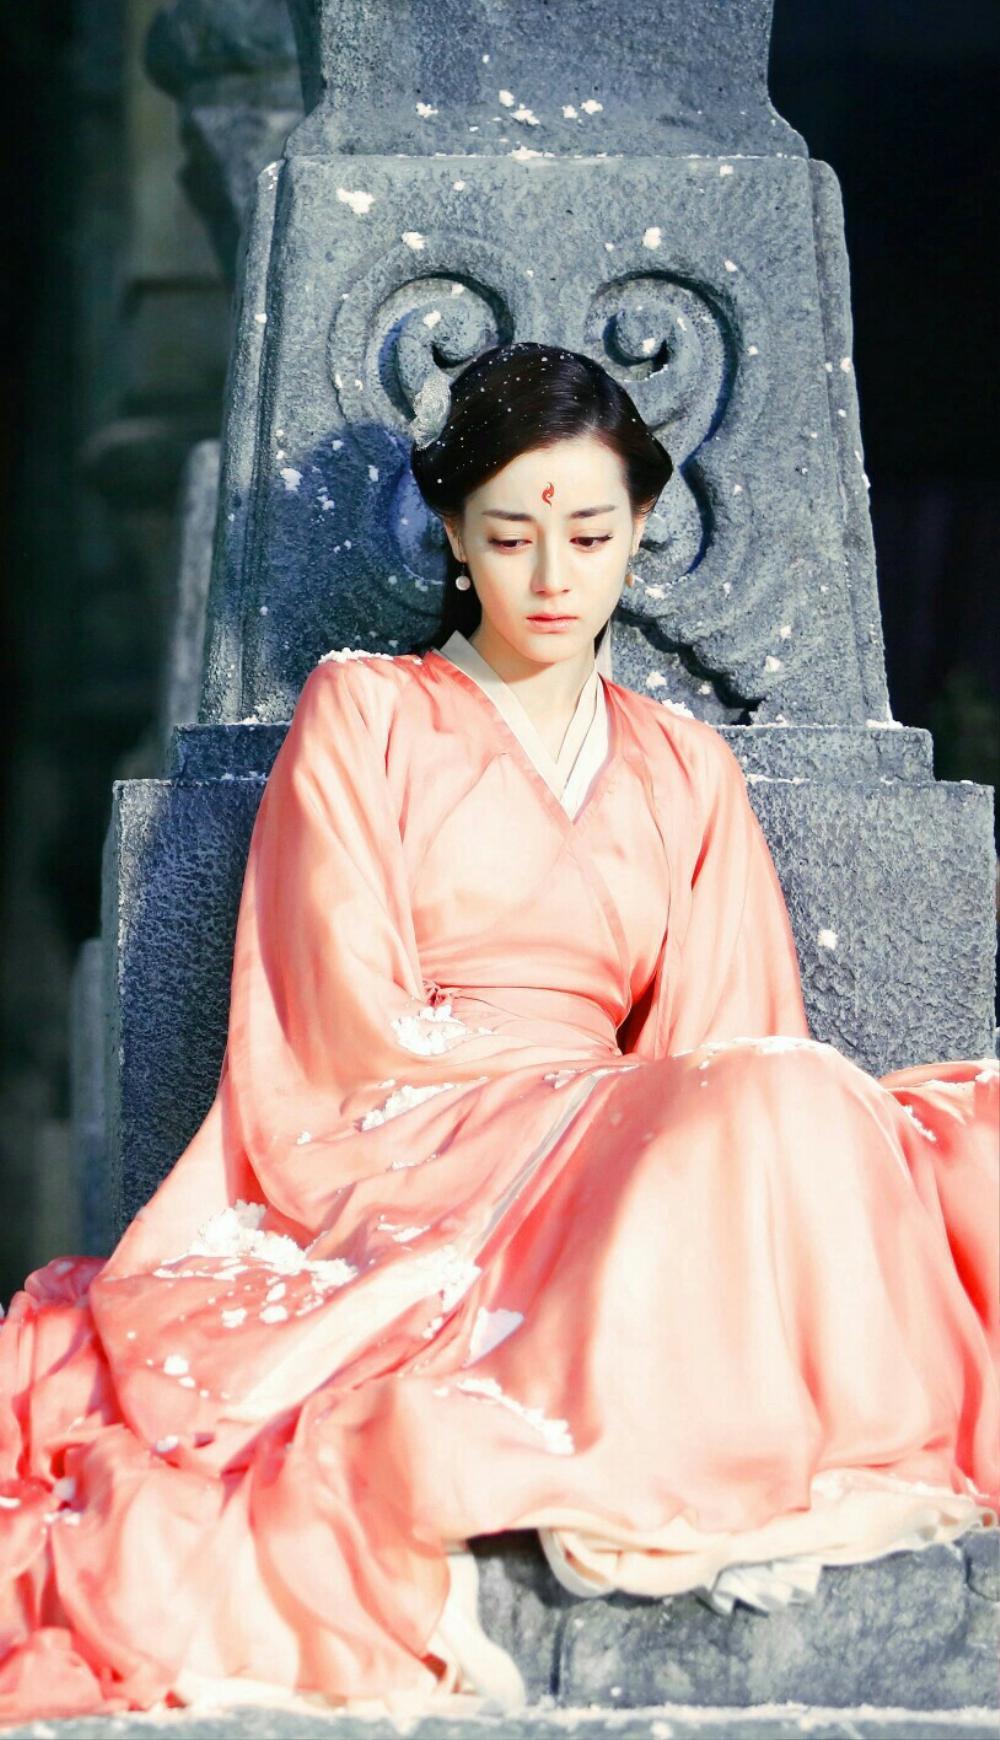 Địch Lệ Nhiệt Ba rất đẹp nhưng liệu có thích hợp đóng phim cổ trang? Ảnh 9